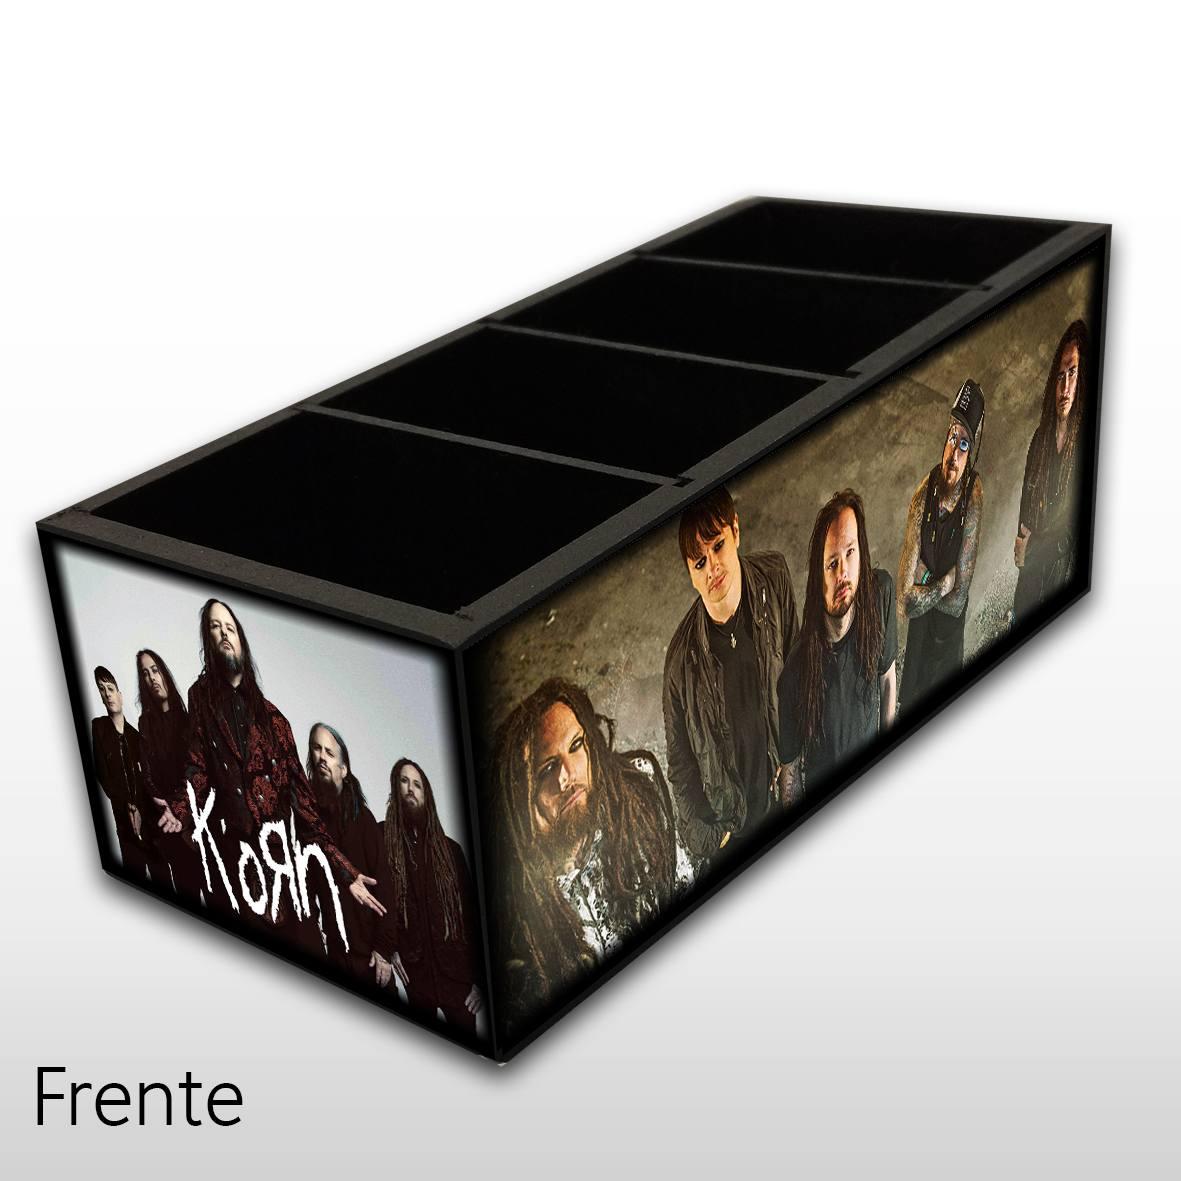 Korn - Porta Controles em Madeira MDF - 4 Espaços - Mr. Rock